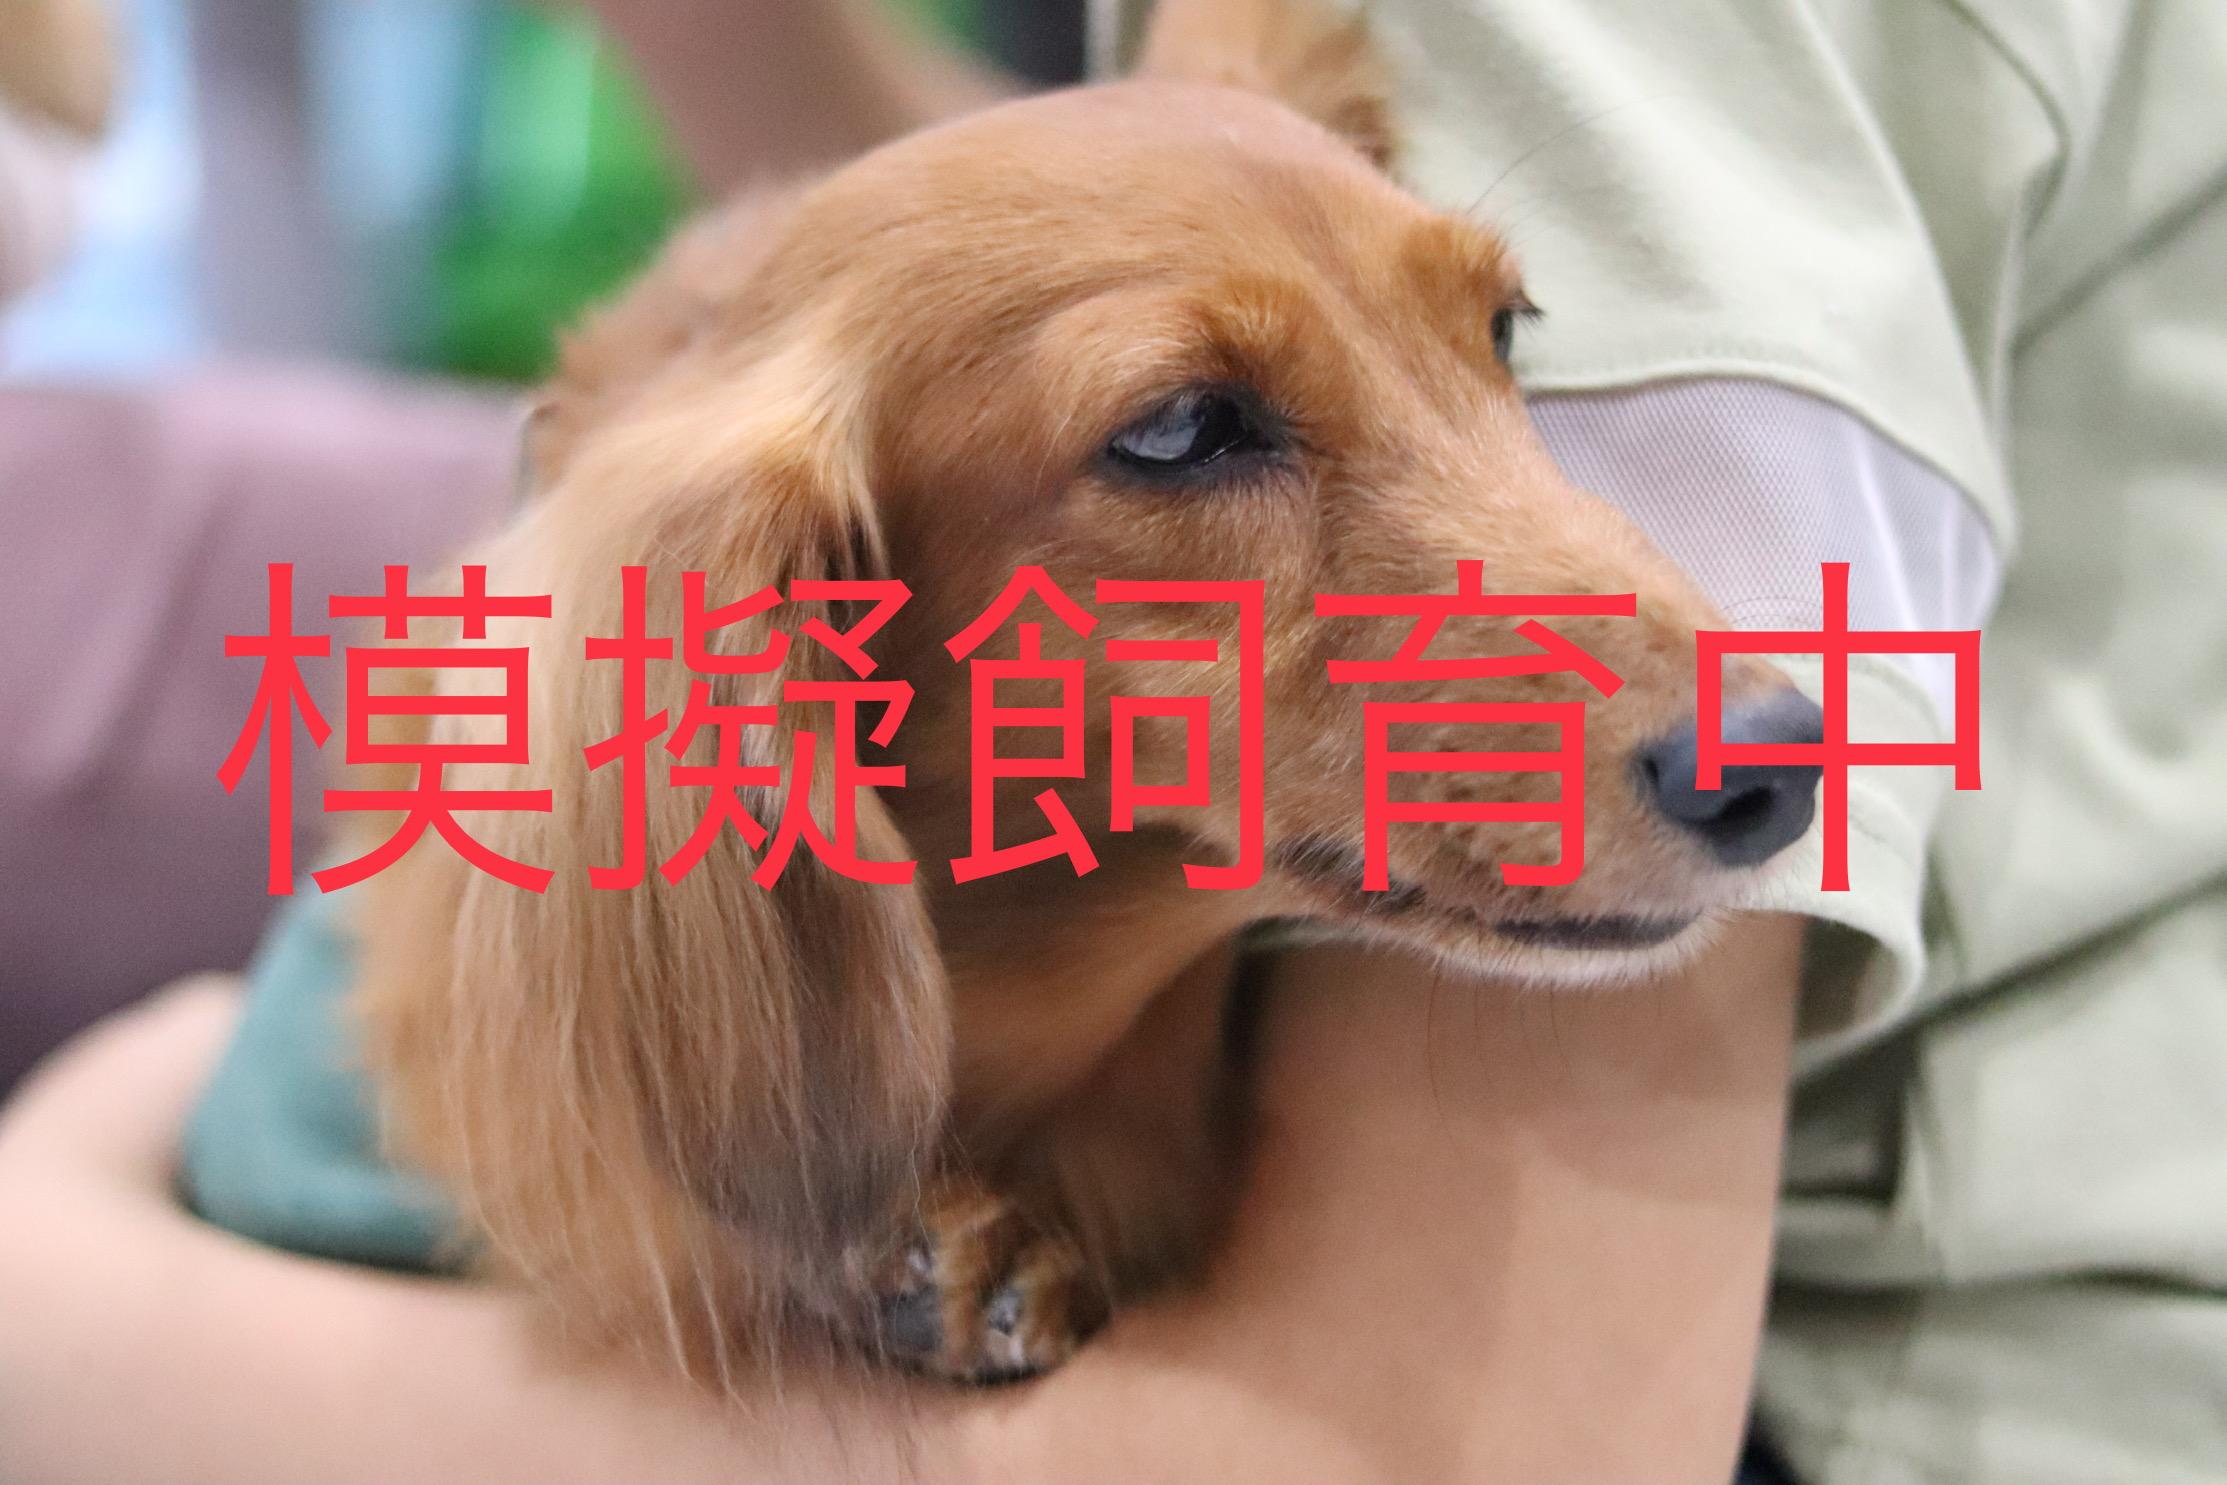 <ul> <li>犬種:ミニチュアダックスフンド</li> <li>性別:女の子</li> <li>名前:リボン</li> <li>年齢:2011年7月6日生まれ</li> <li>保護経緯:飼い主の生活環境の変化のため飼育困難</li> </ul>